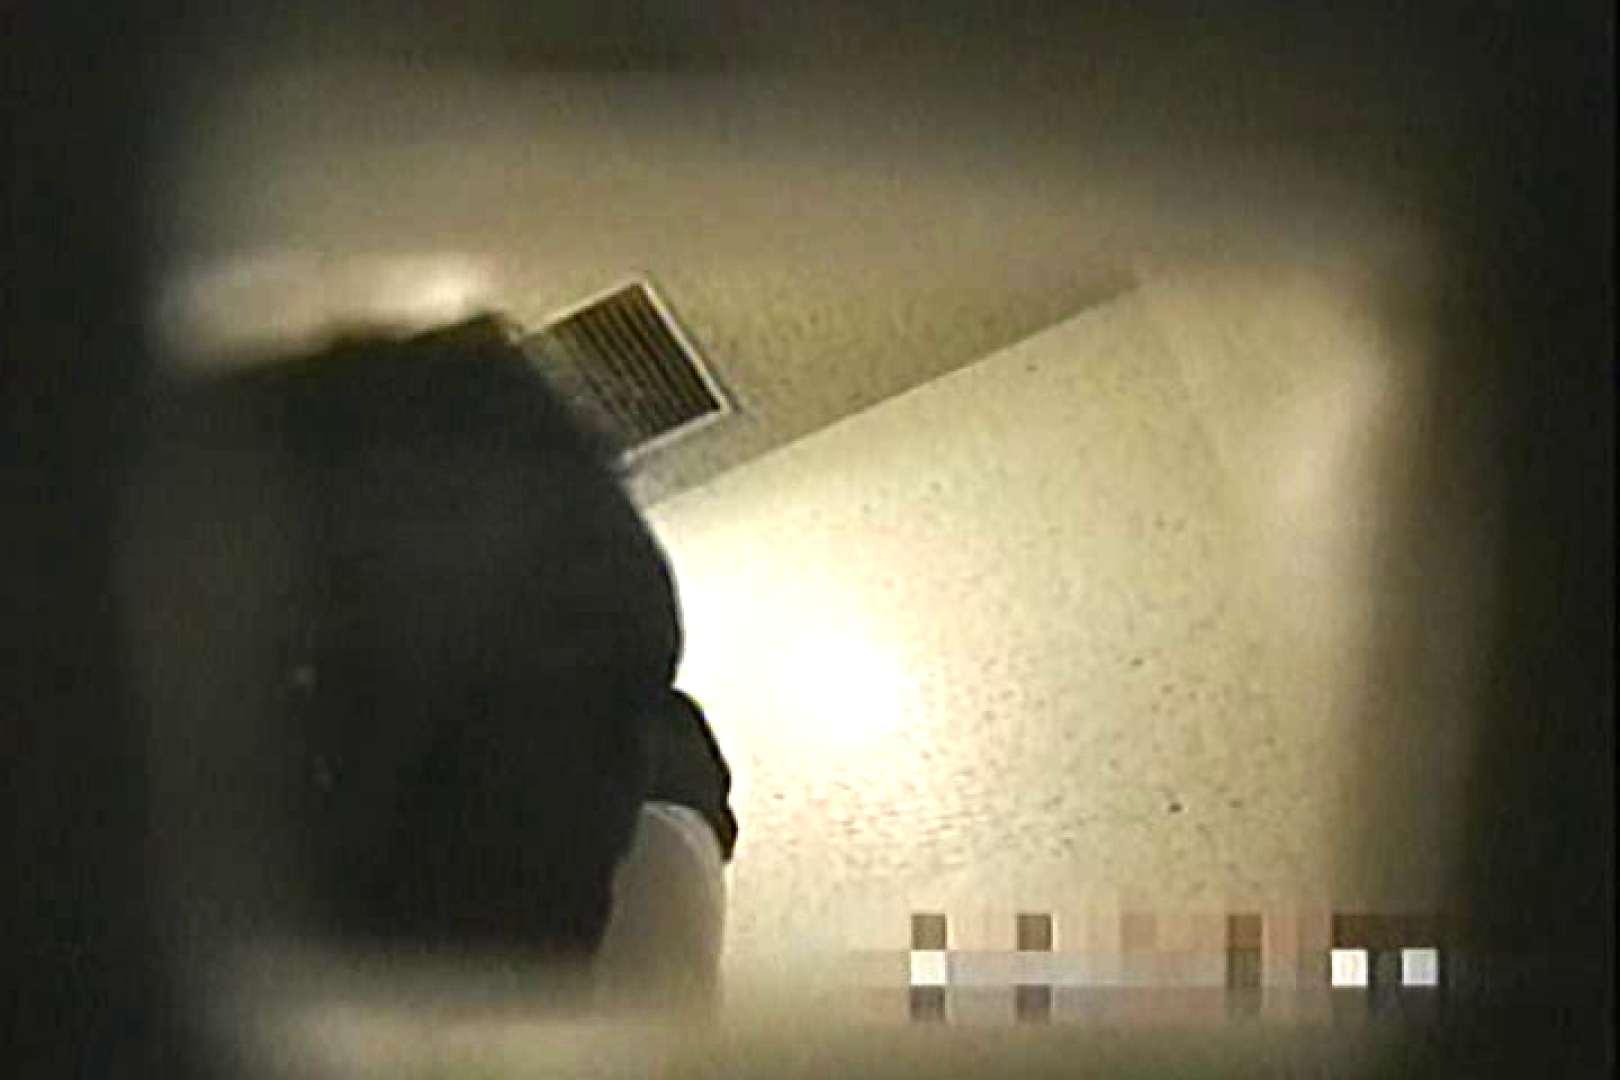 女子洗面所盗撮 今度の2カメは若い子だらけ  TK-127 ギャルの実態 盗み撮りSEX無修正画像 62pic 38